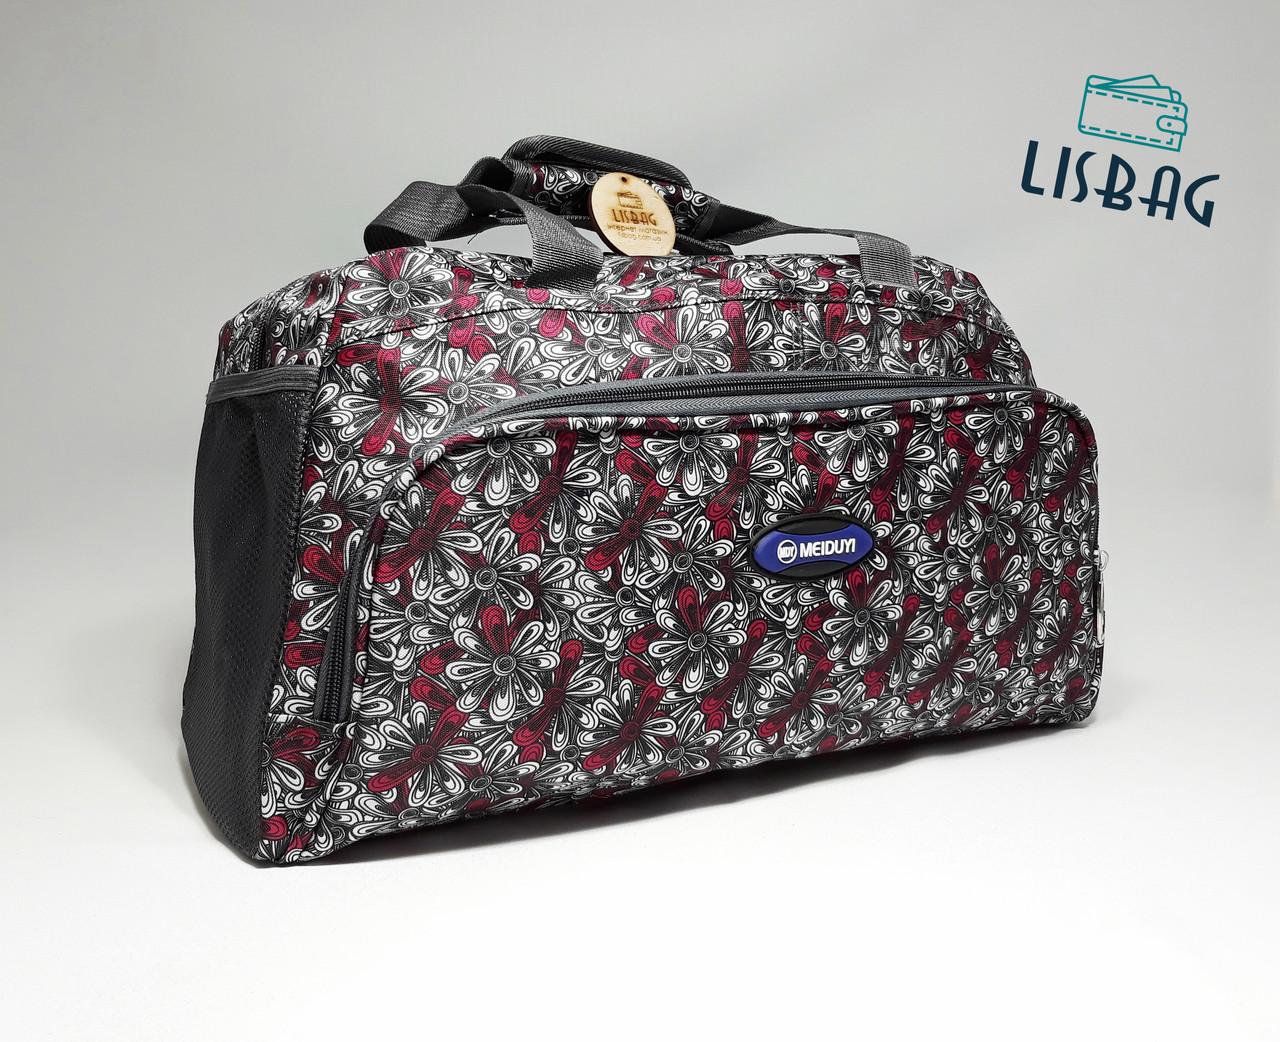 d66d6431ffeb Спортивная сумка на каждый день прикольный принт прочная, новинка ...